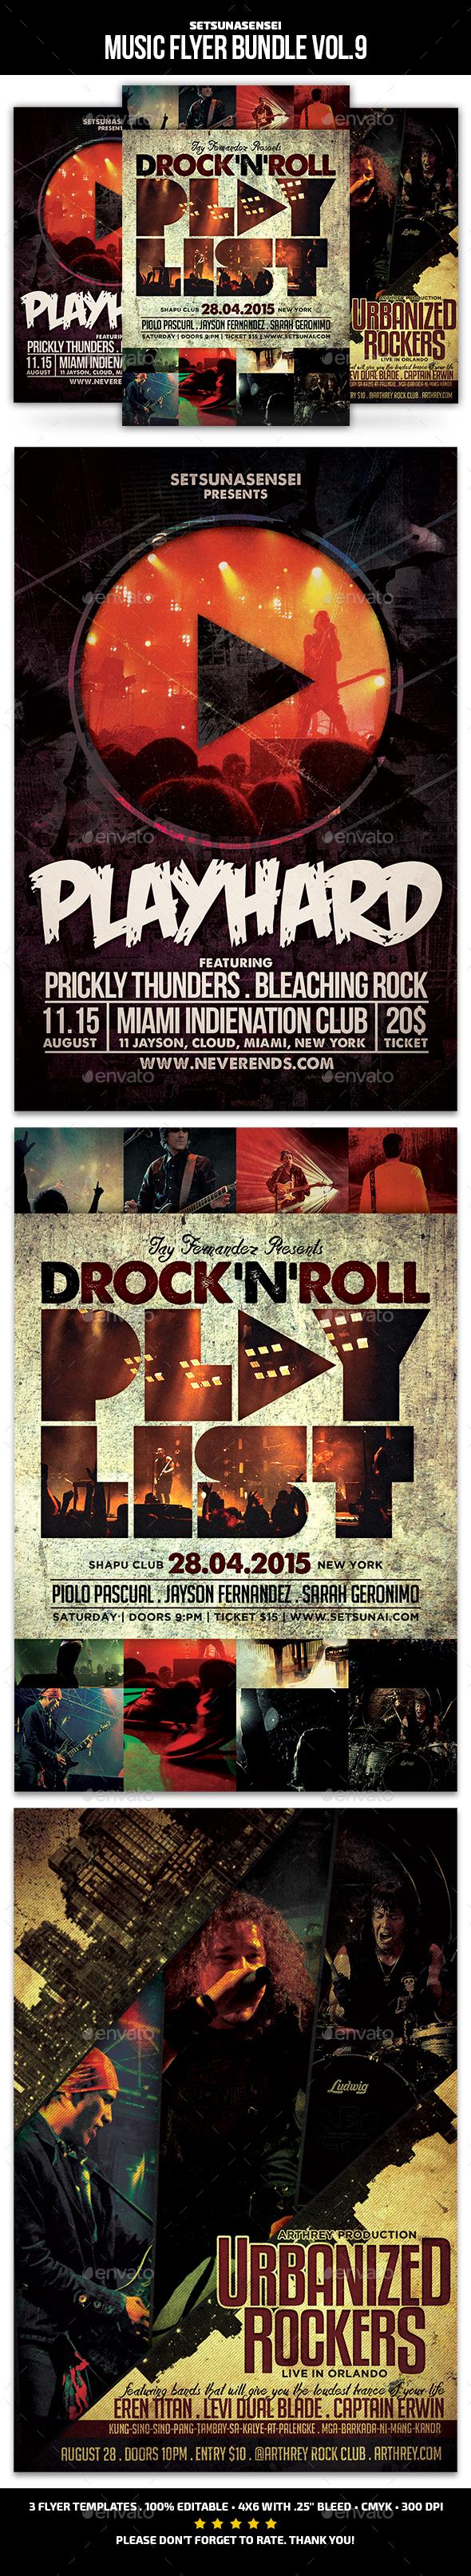 Music Flyer Bundle Vol. 9 - Concerts Events